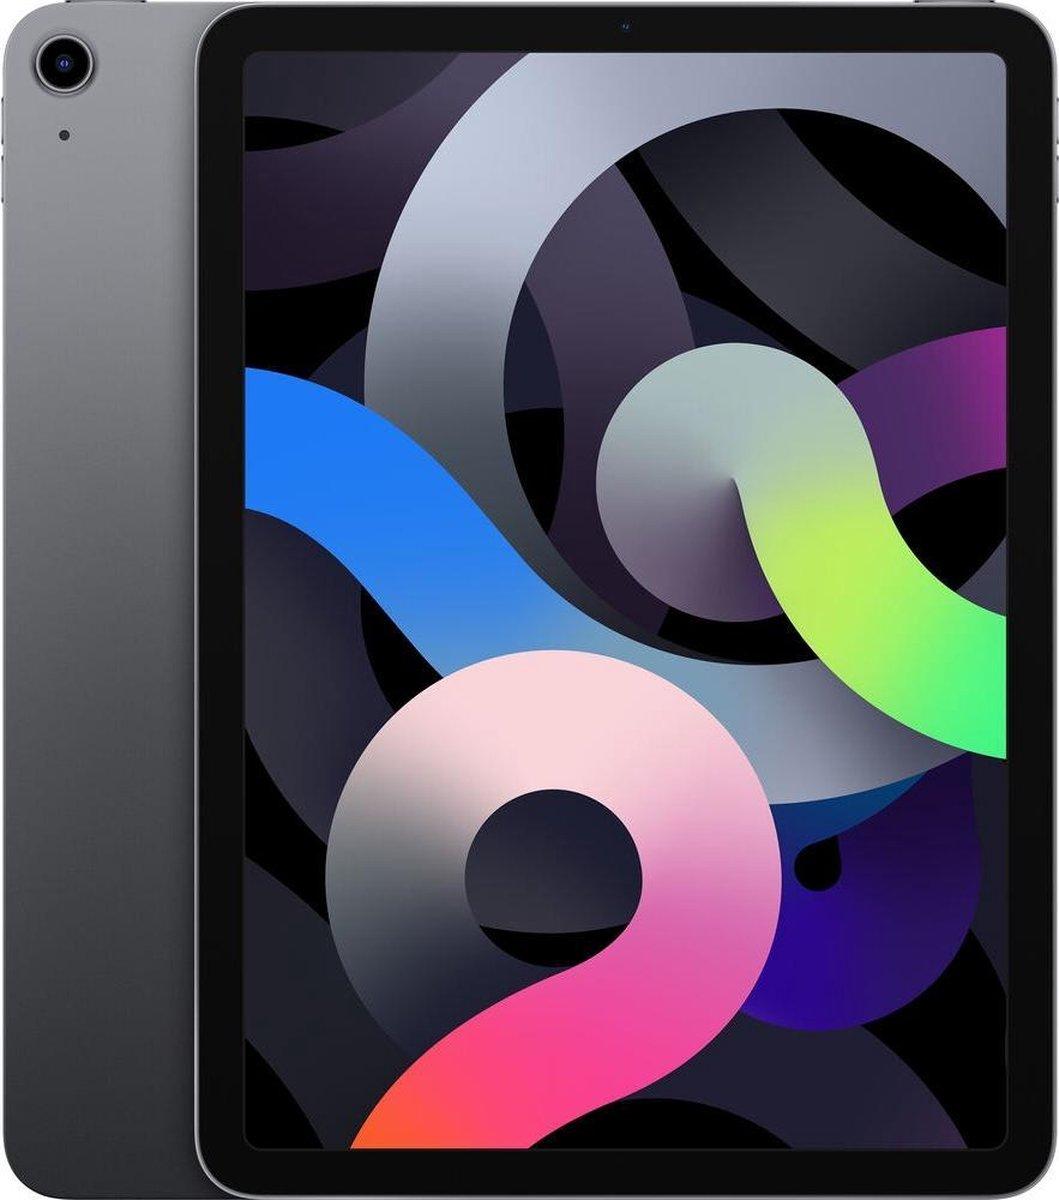 Apple iPad Air 4 - Renoverad door SUPREME MOBILE - A Grade - Endast WiFi - 64 GB - Space Grey